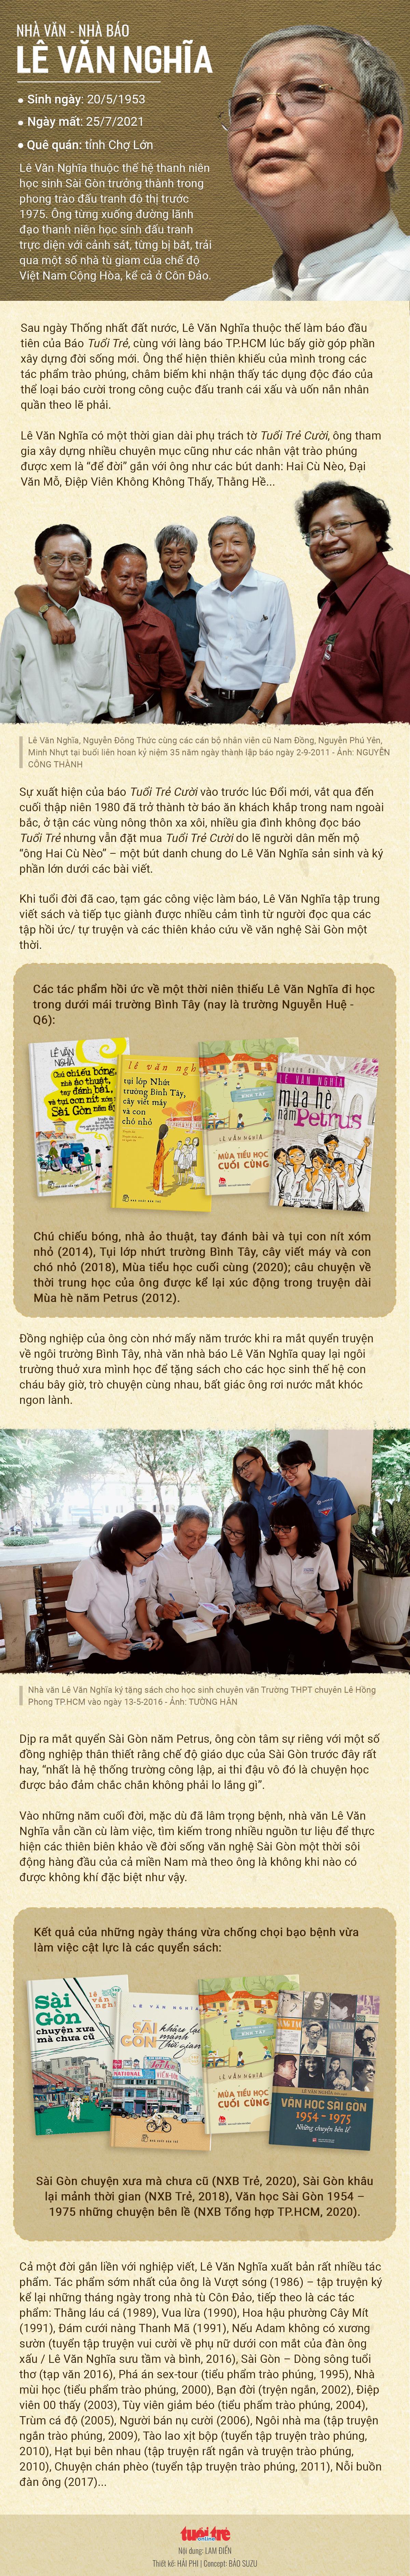 Yên nghỉ nhé Lê Văn Nghĩa, một đời cầm bút, một đời tài hoa - Ảnh 9.